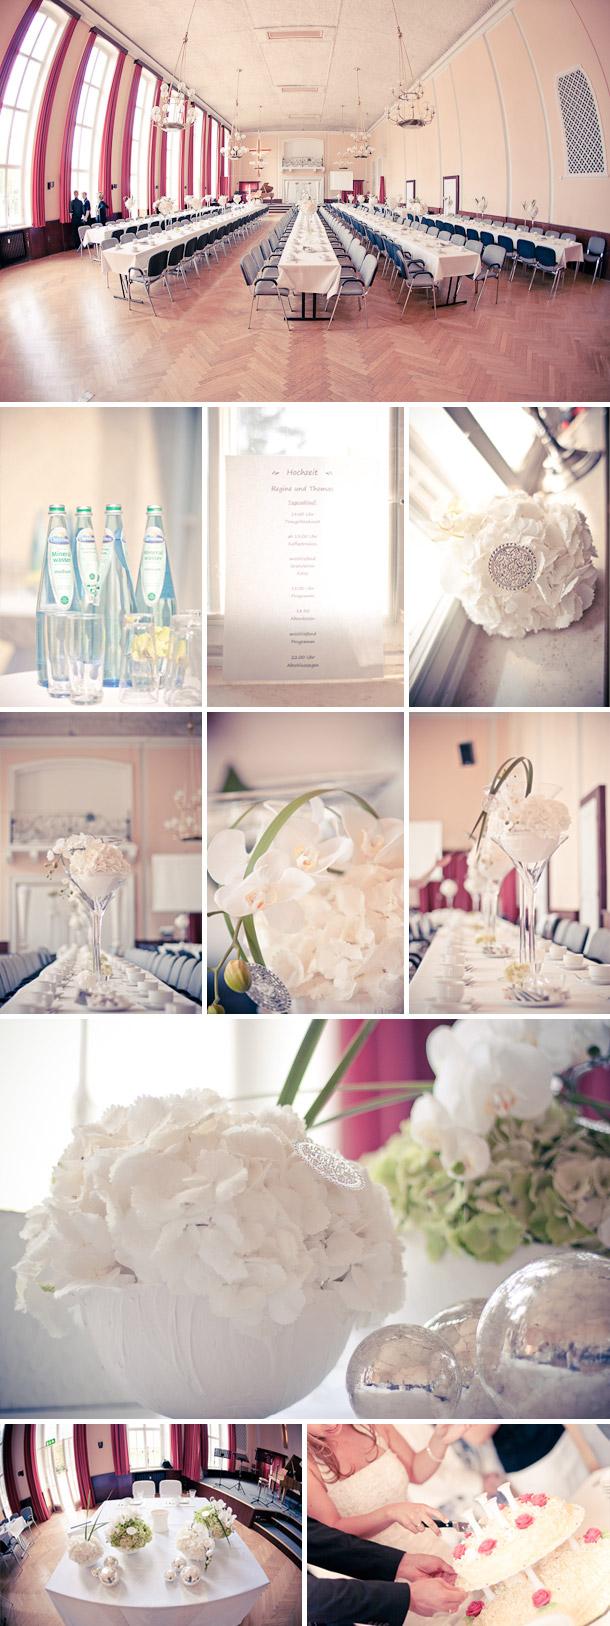 Thomas und Regines Hochzeit von Martin Wall Photography